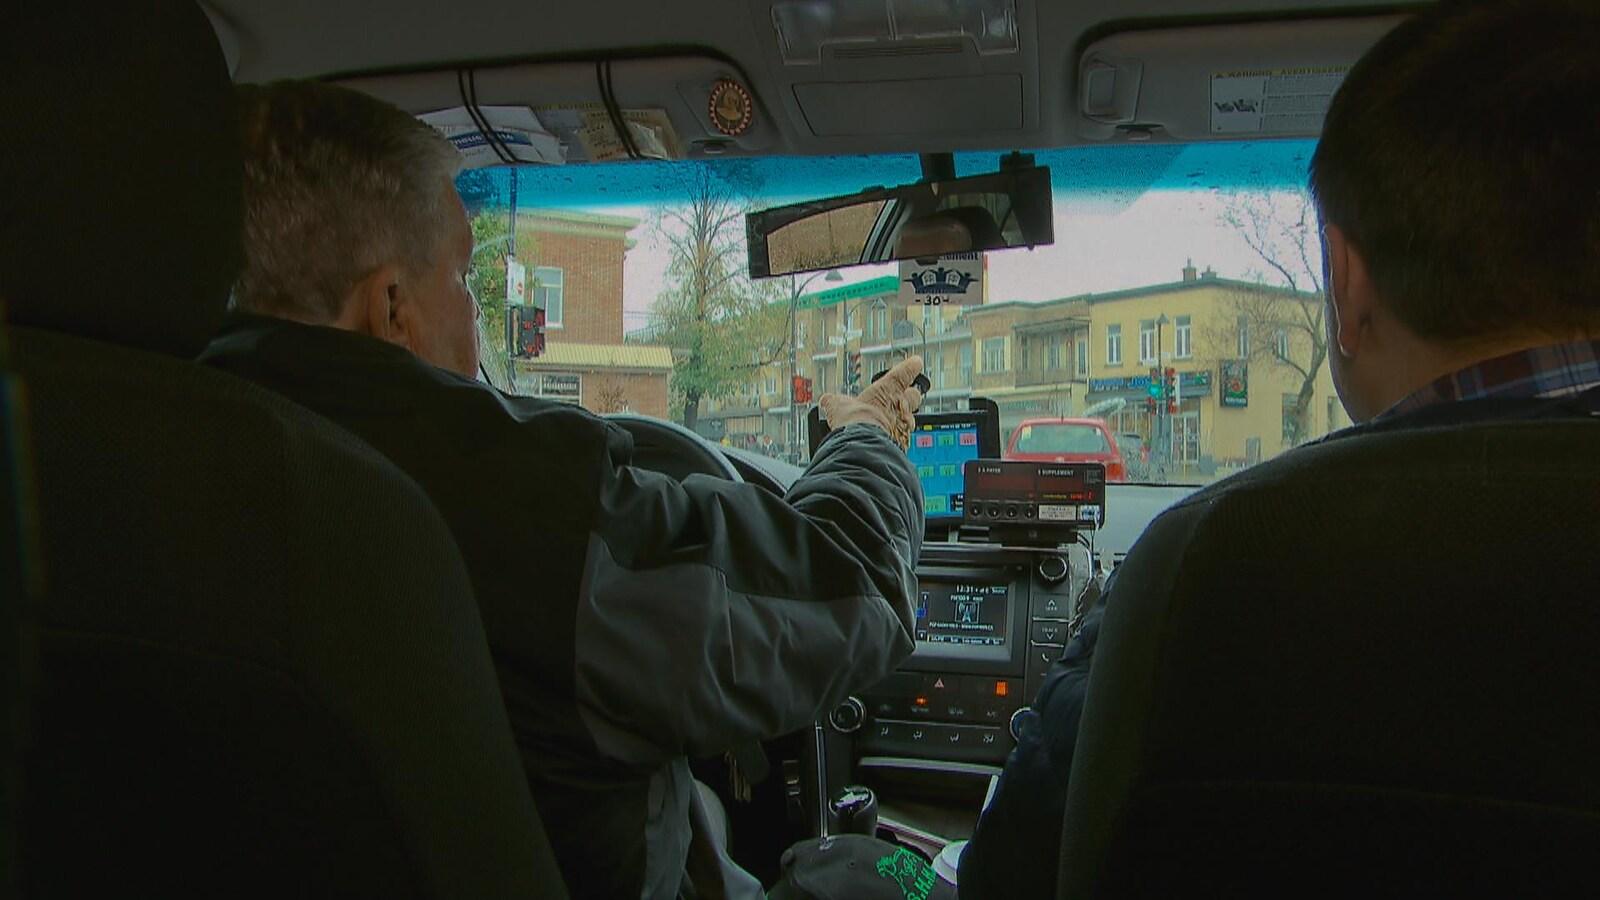 Les chauffeurs de taxi sont mal pris!